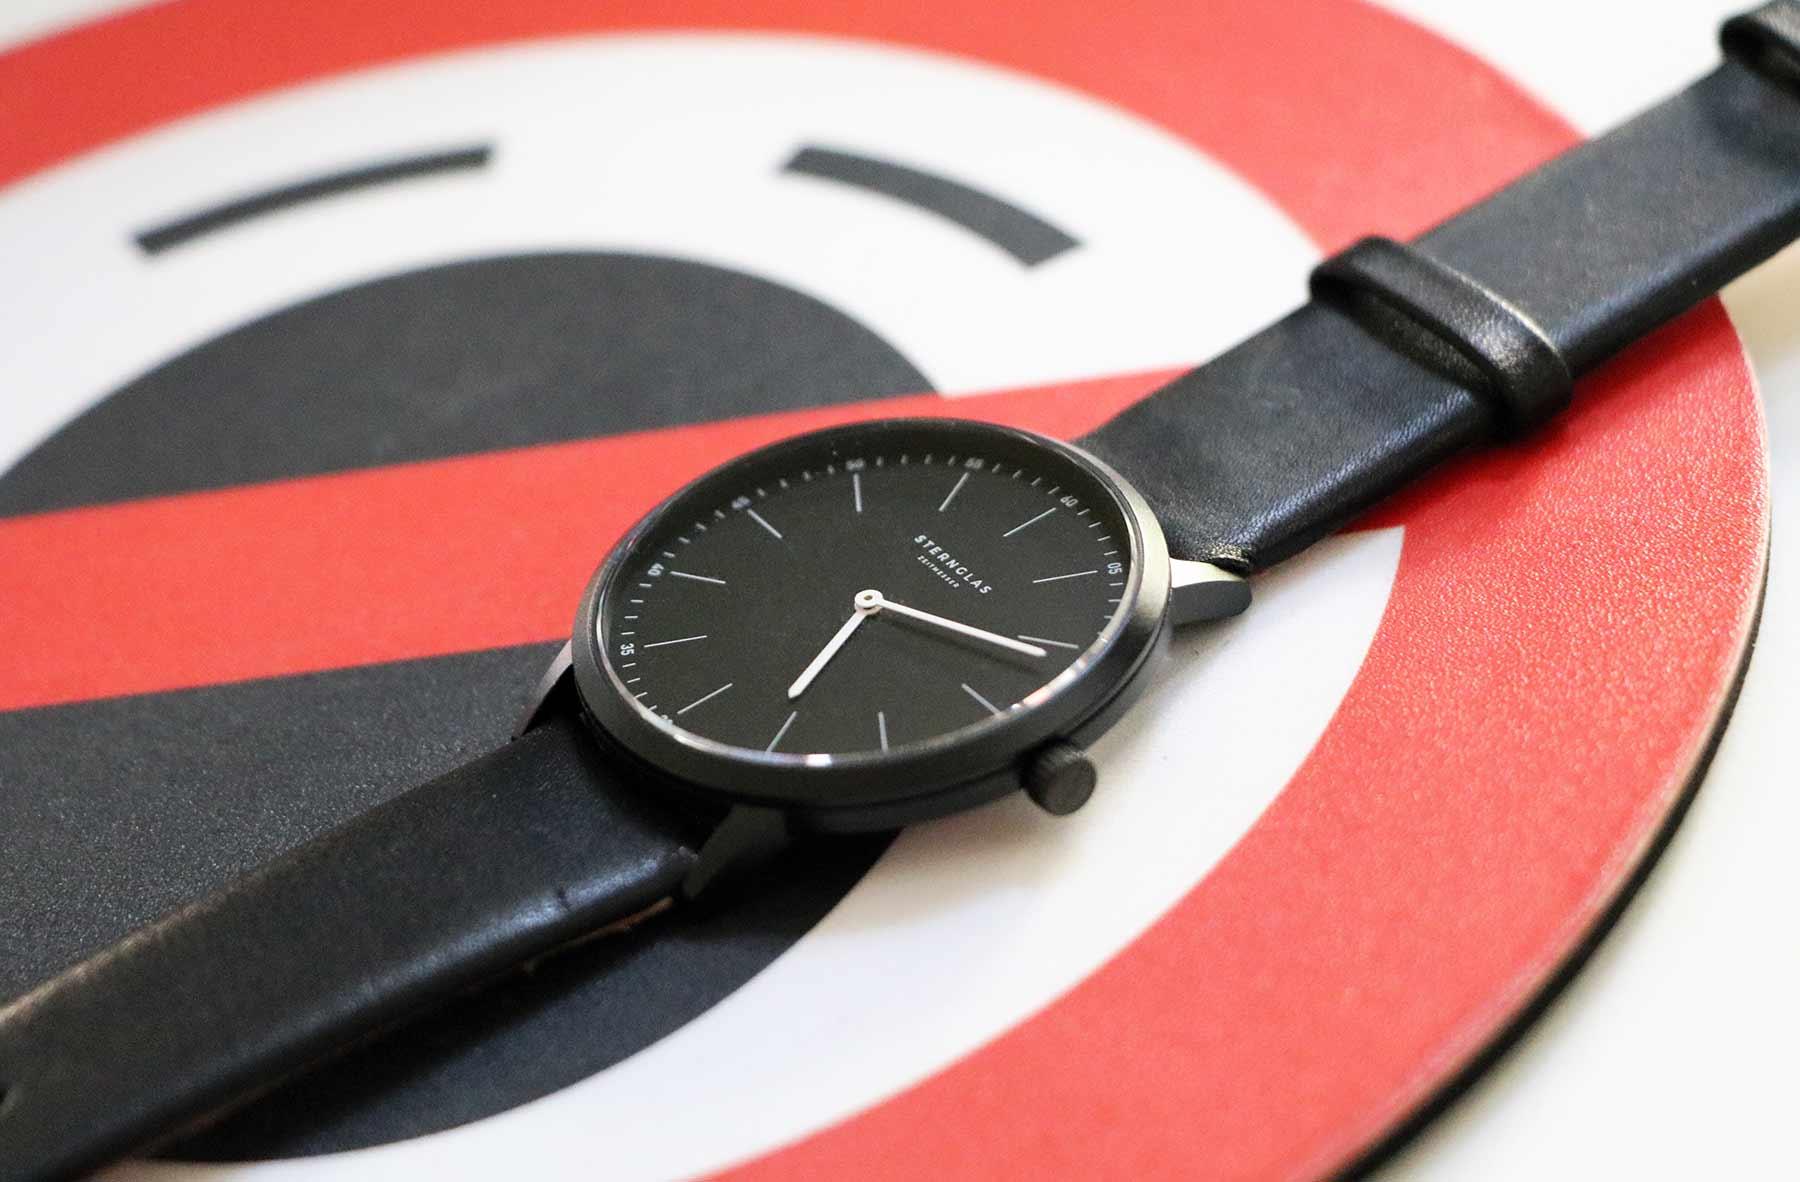 Extra leichte Armbanduhr im Bauhausdesign: Die neue STERNGLAS Modesto